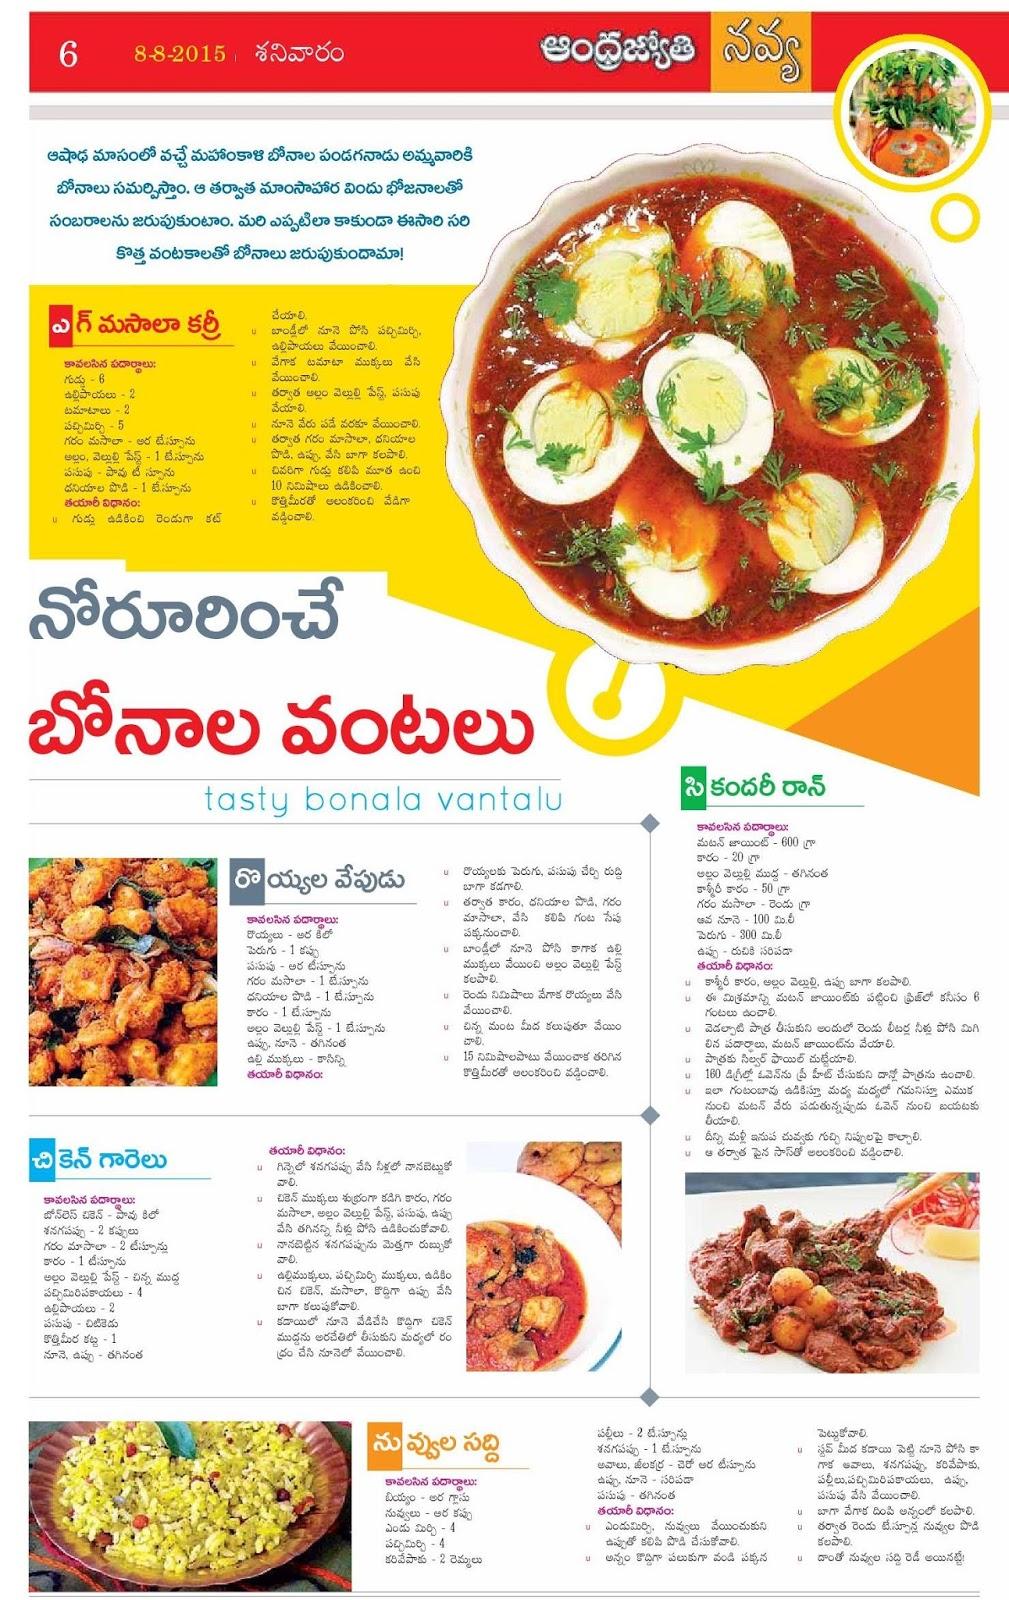 Telugu recipes andhrarecipes makingtipskitchentips recipestips andhrarecipes makingtipskitchentips recipestips andhra vantalu curries making collection 10 in telugu forumfinder Images